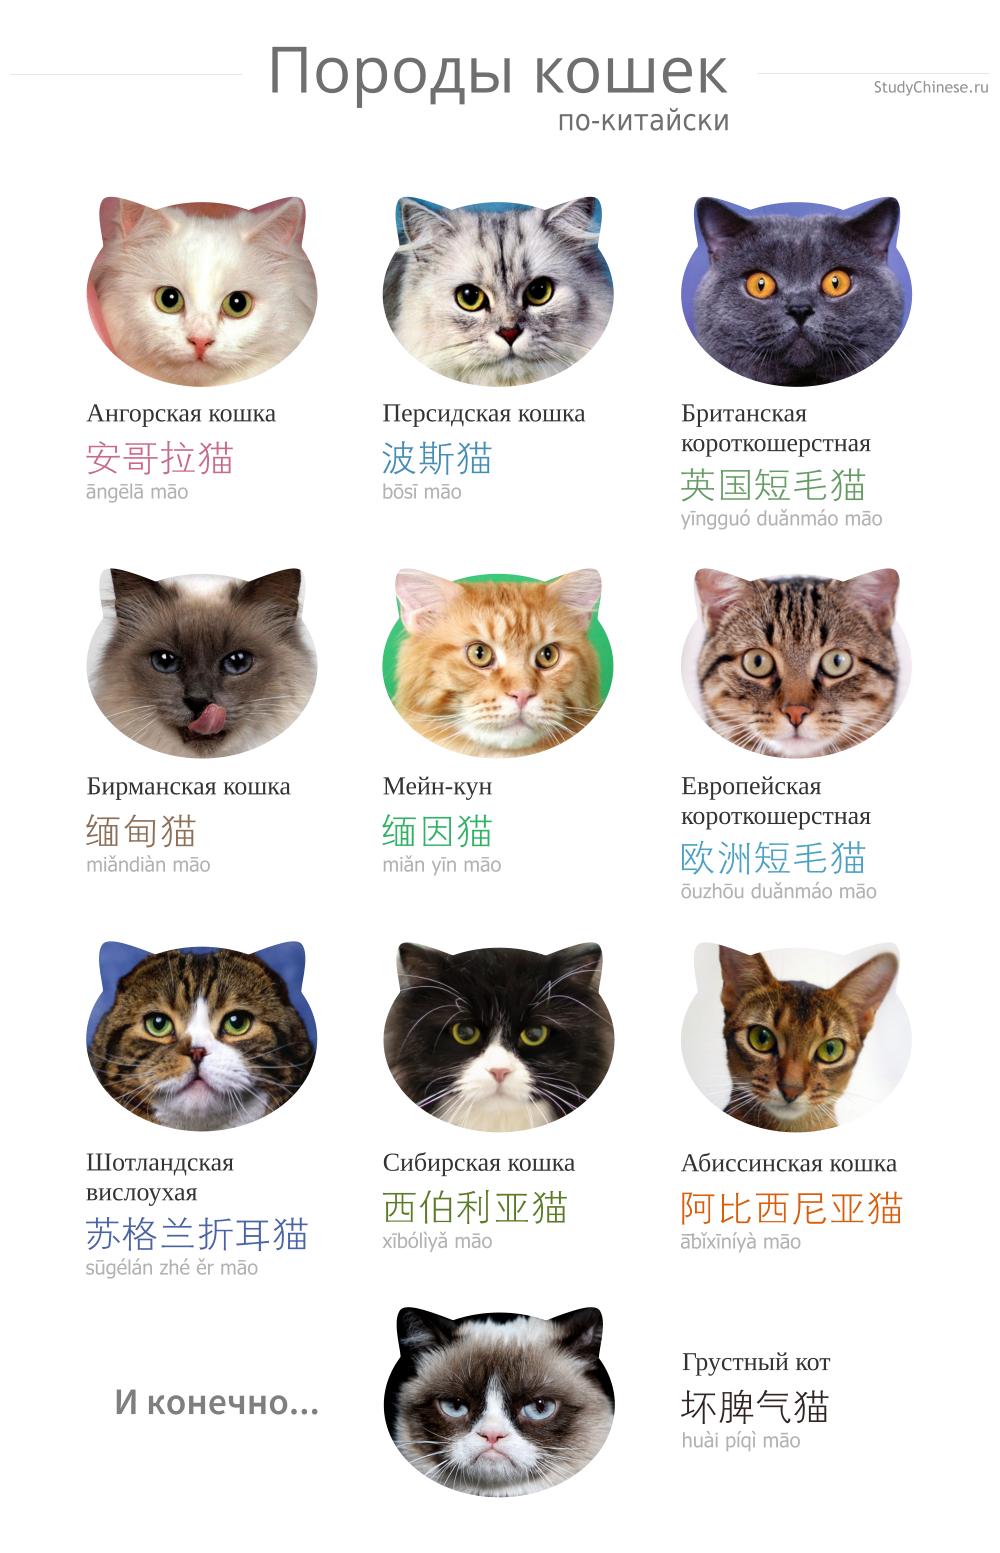 нежности, все кошачьи список с картинками слову, даже сегодняшний